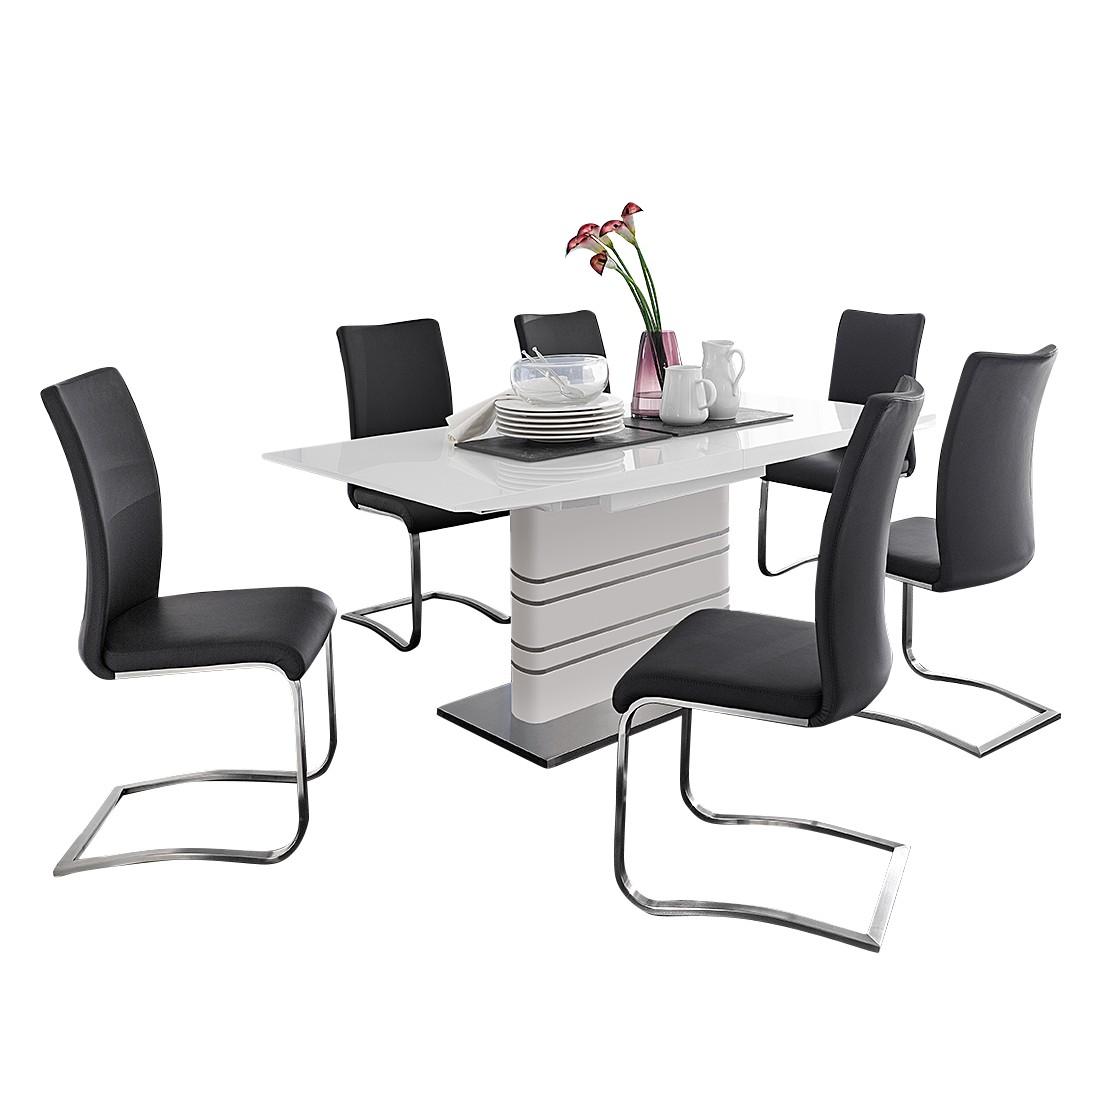 Home 24 - Ensemble de salle à manger french (7 éléments) - blanc brillant - cuir synthétique noir, bellinzona